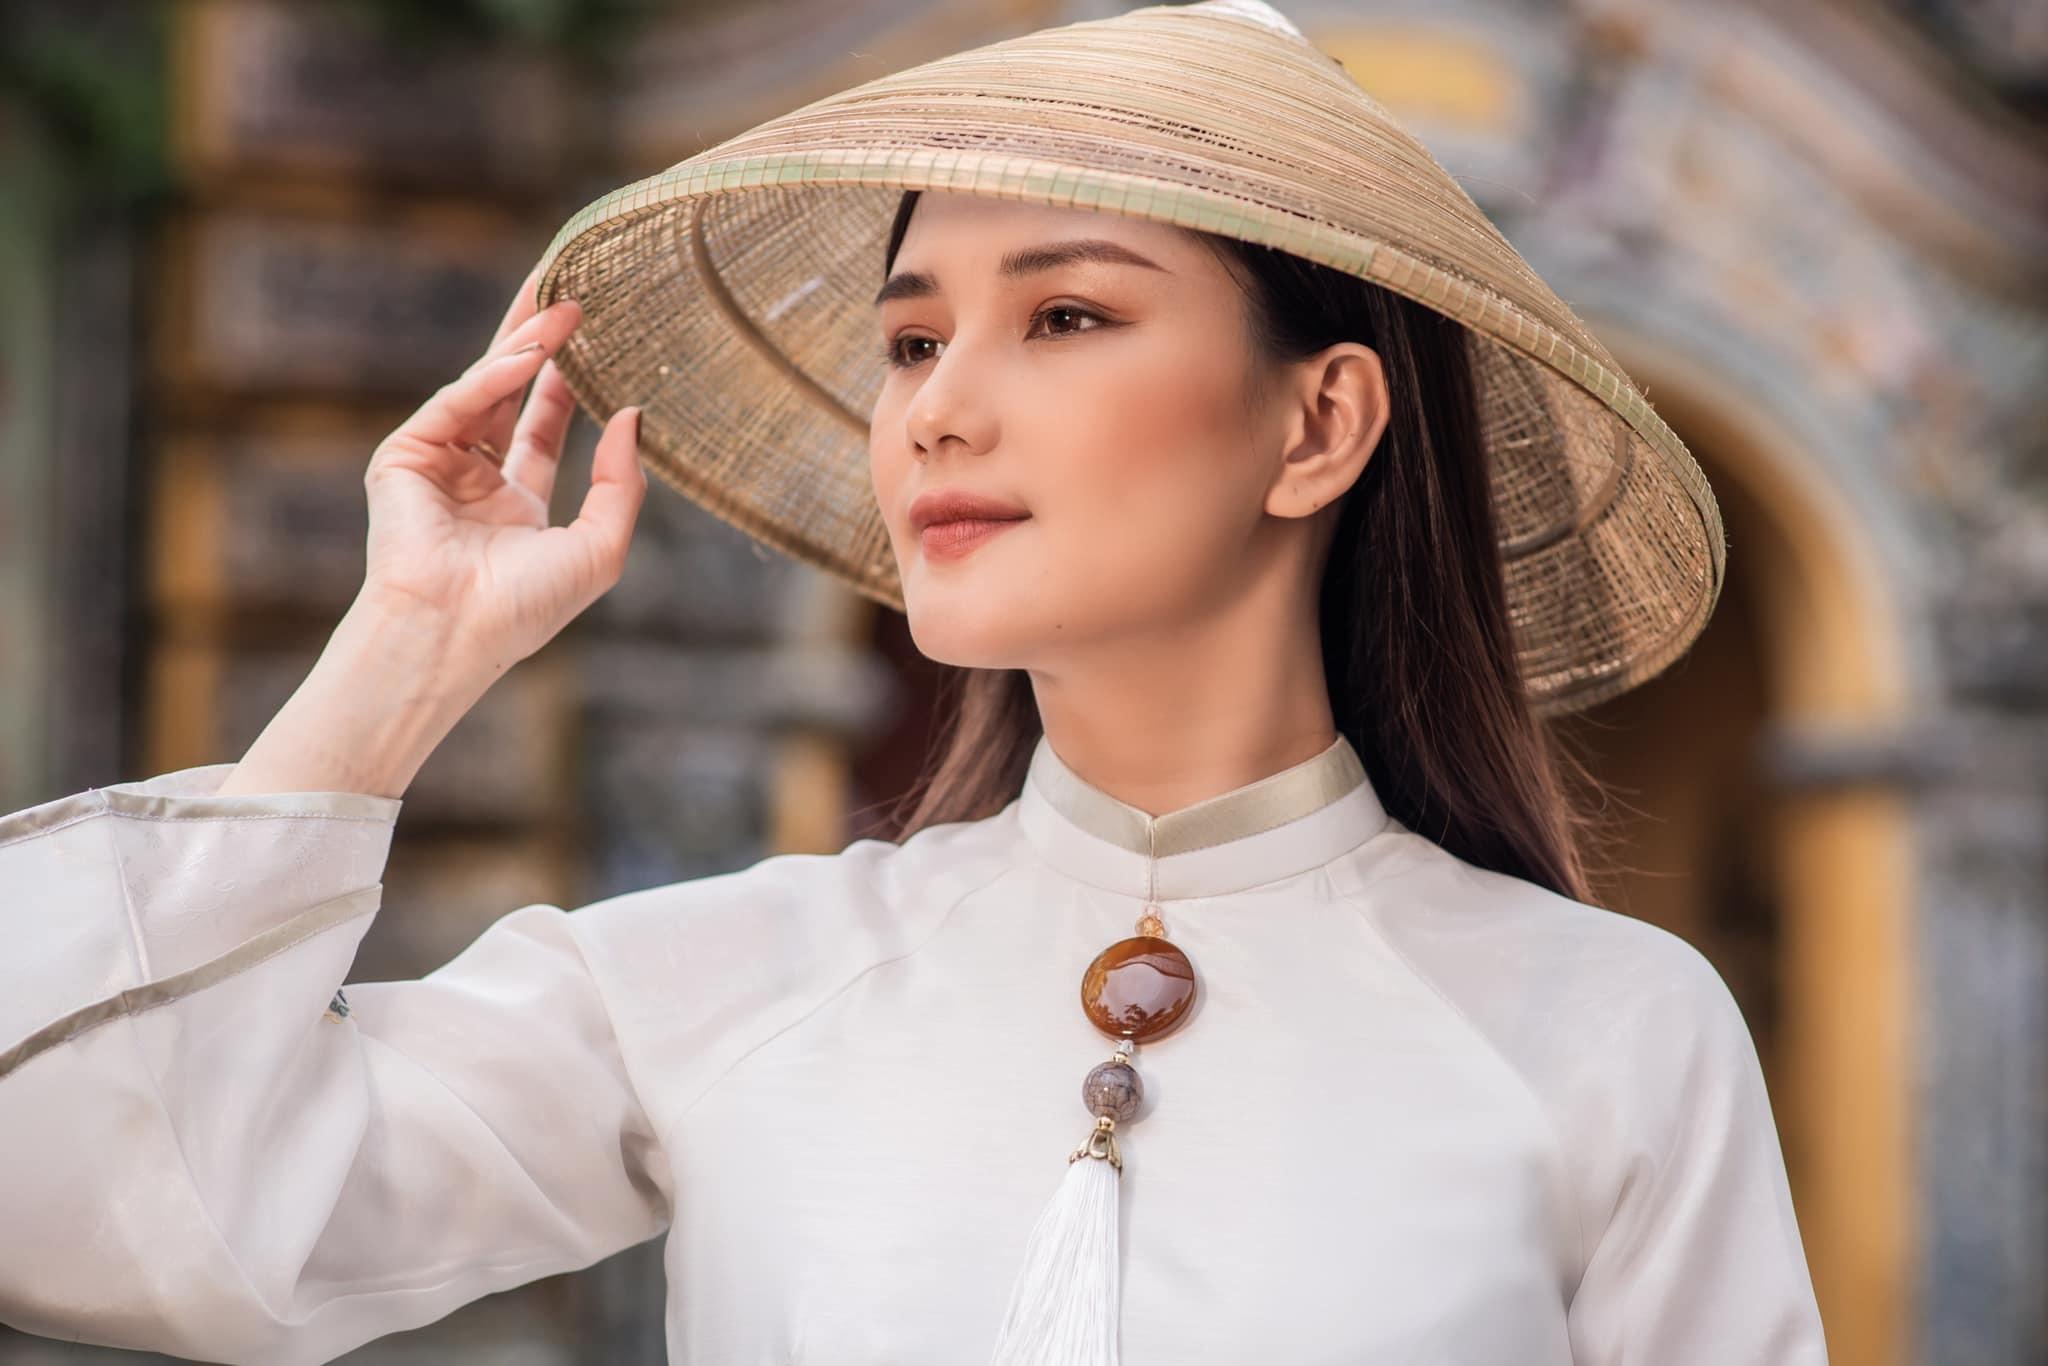 MC Huyền Châu VTV  chia sẻ sống hạnh phúc có ý nghĩa